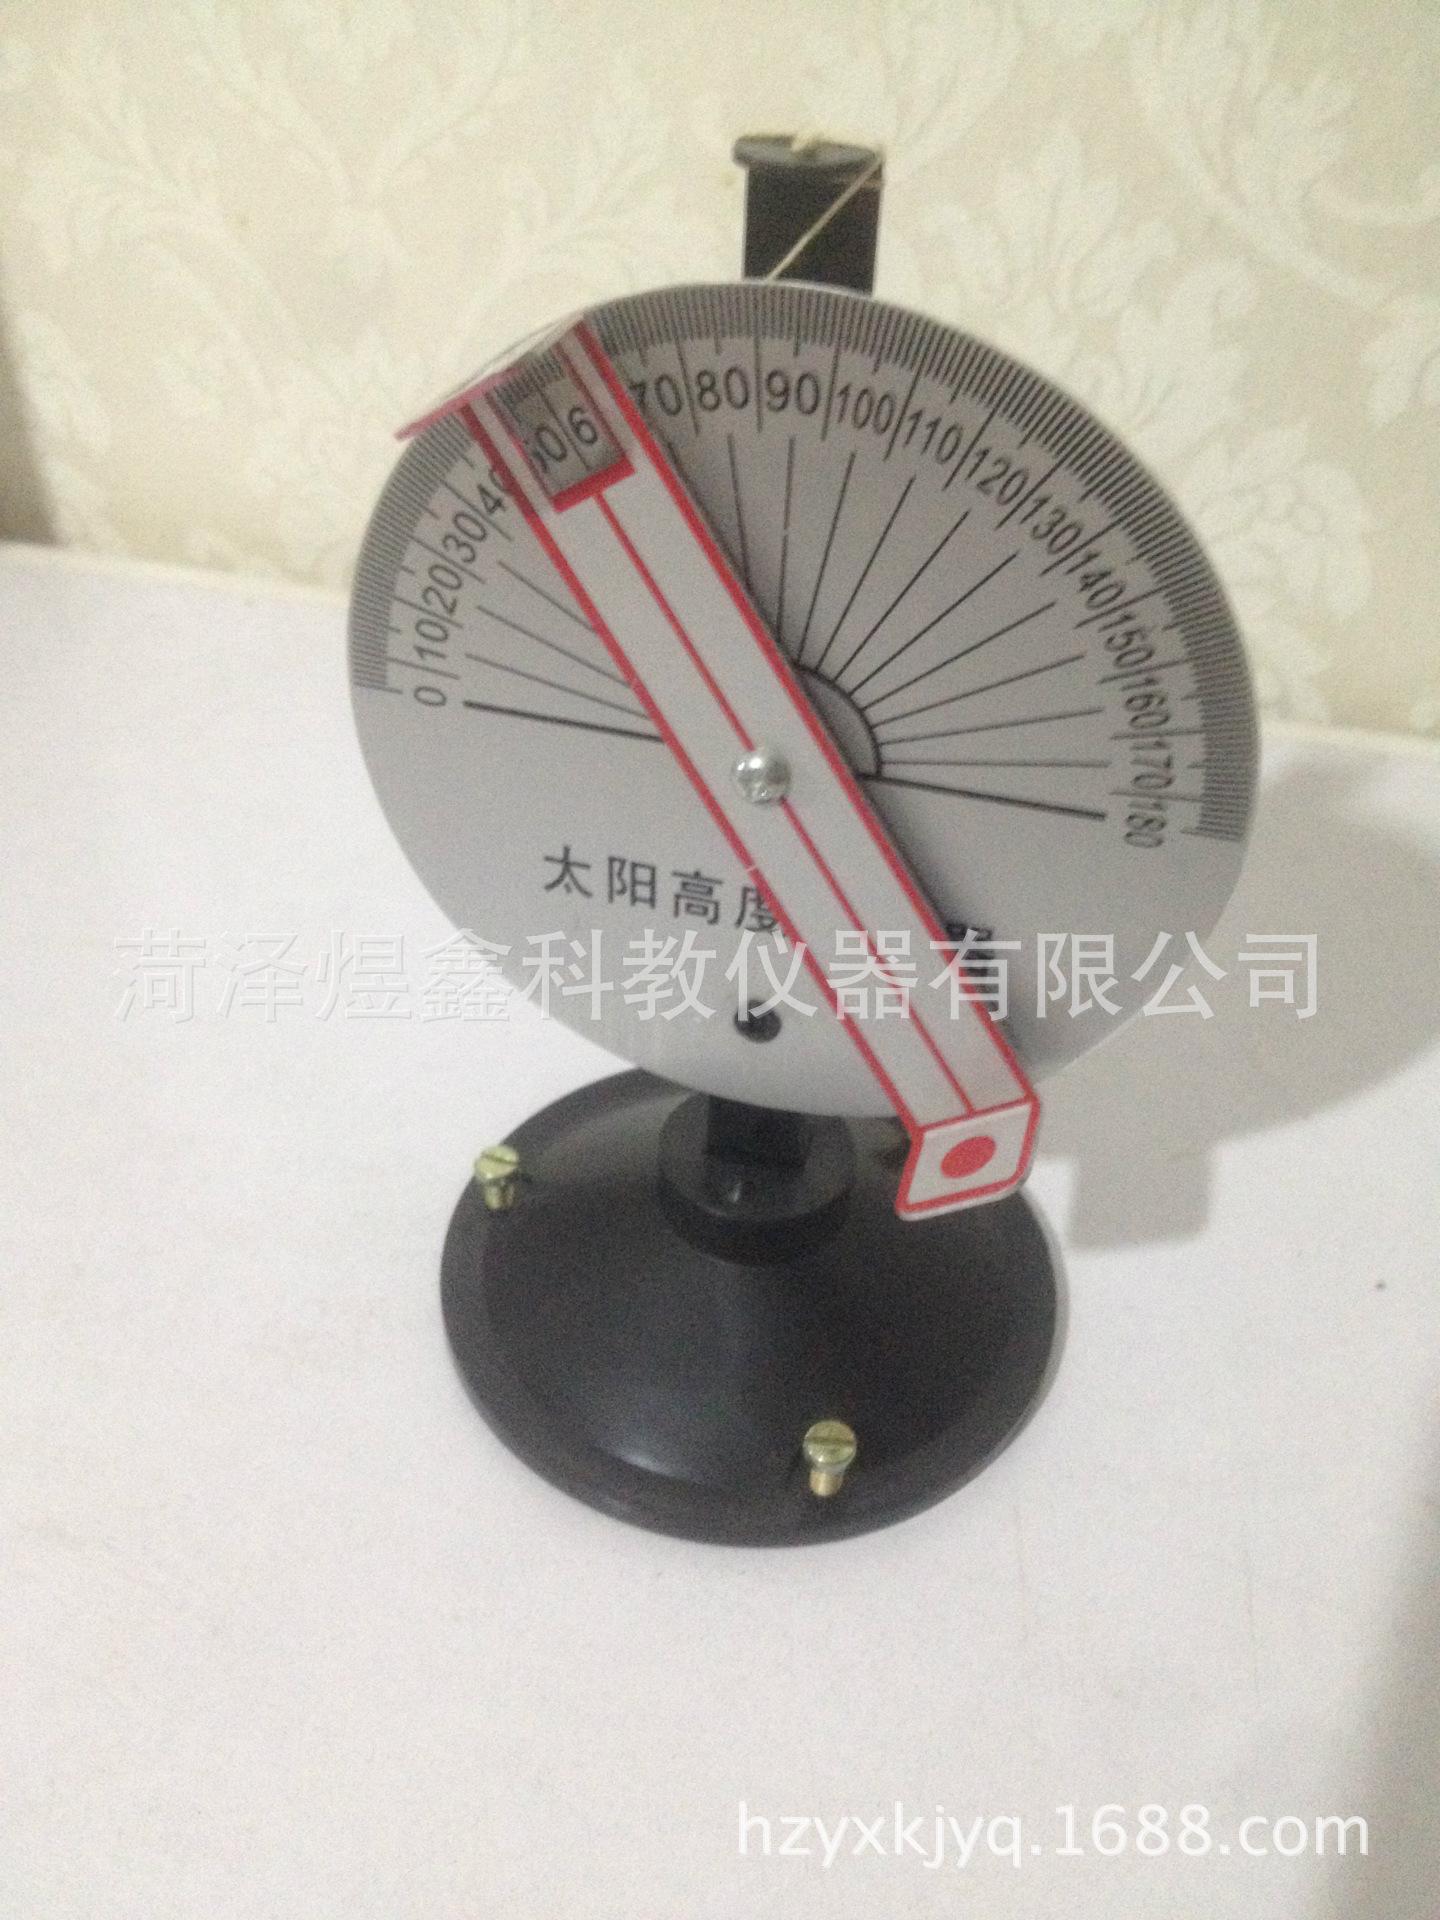 太阳高度测量器 J29011 小学科学 实验器材 物理 教学仪器